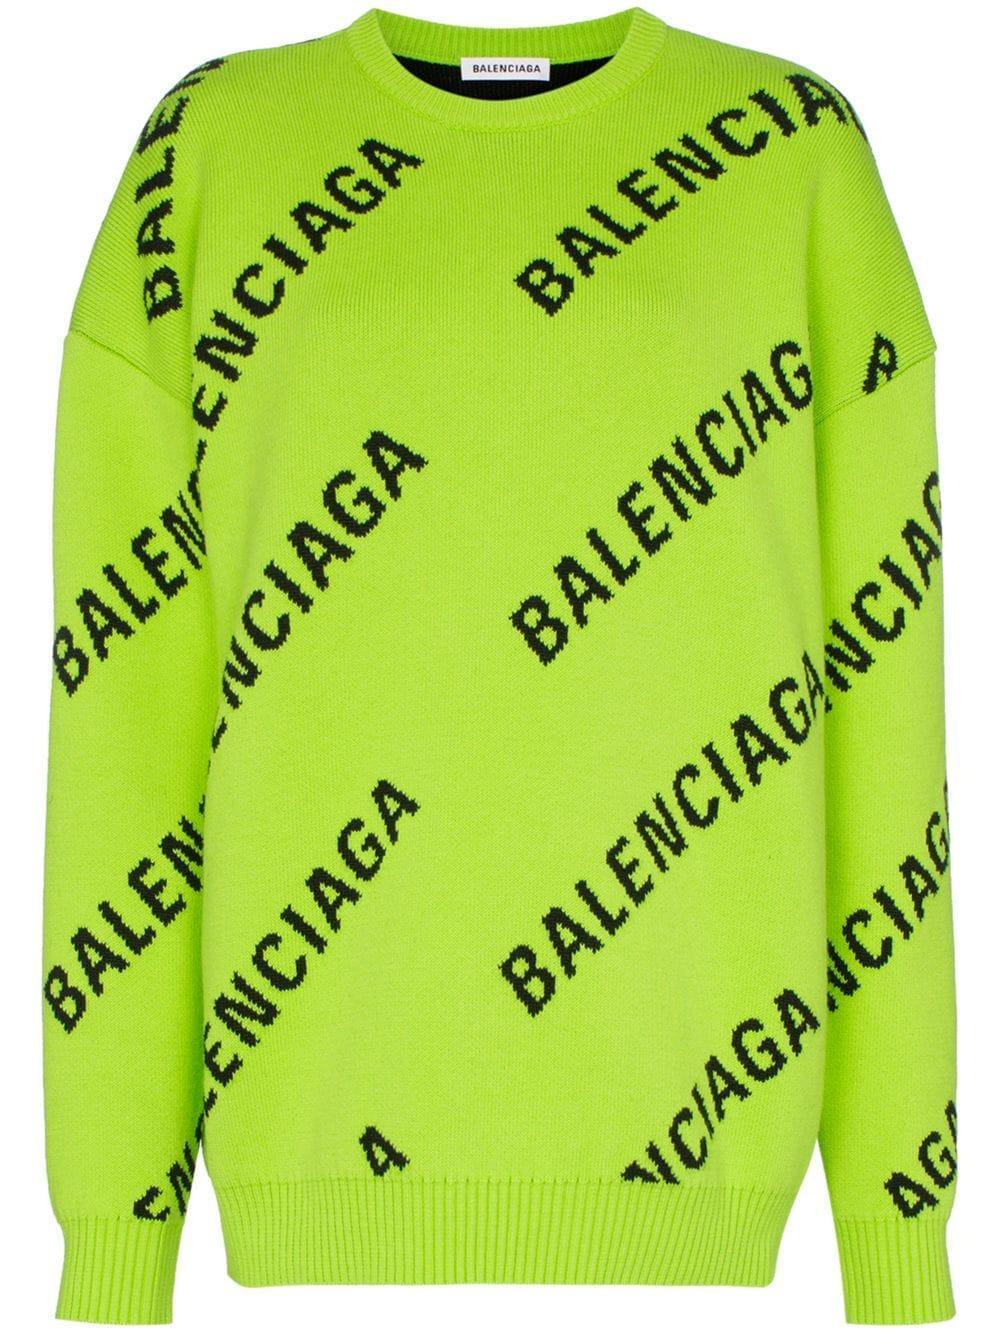 Balenciaga джемпер оверсайз с логотипом